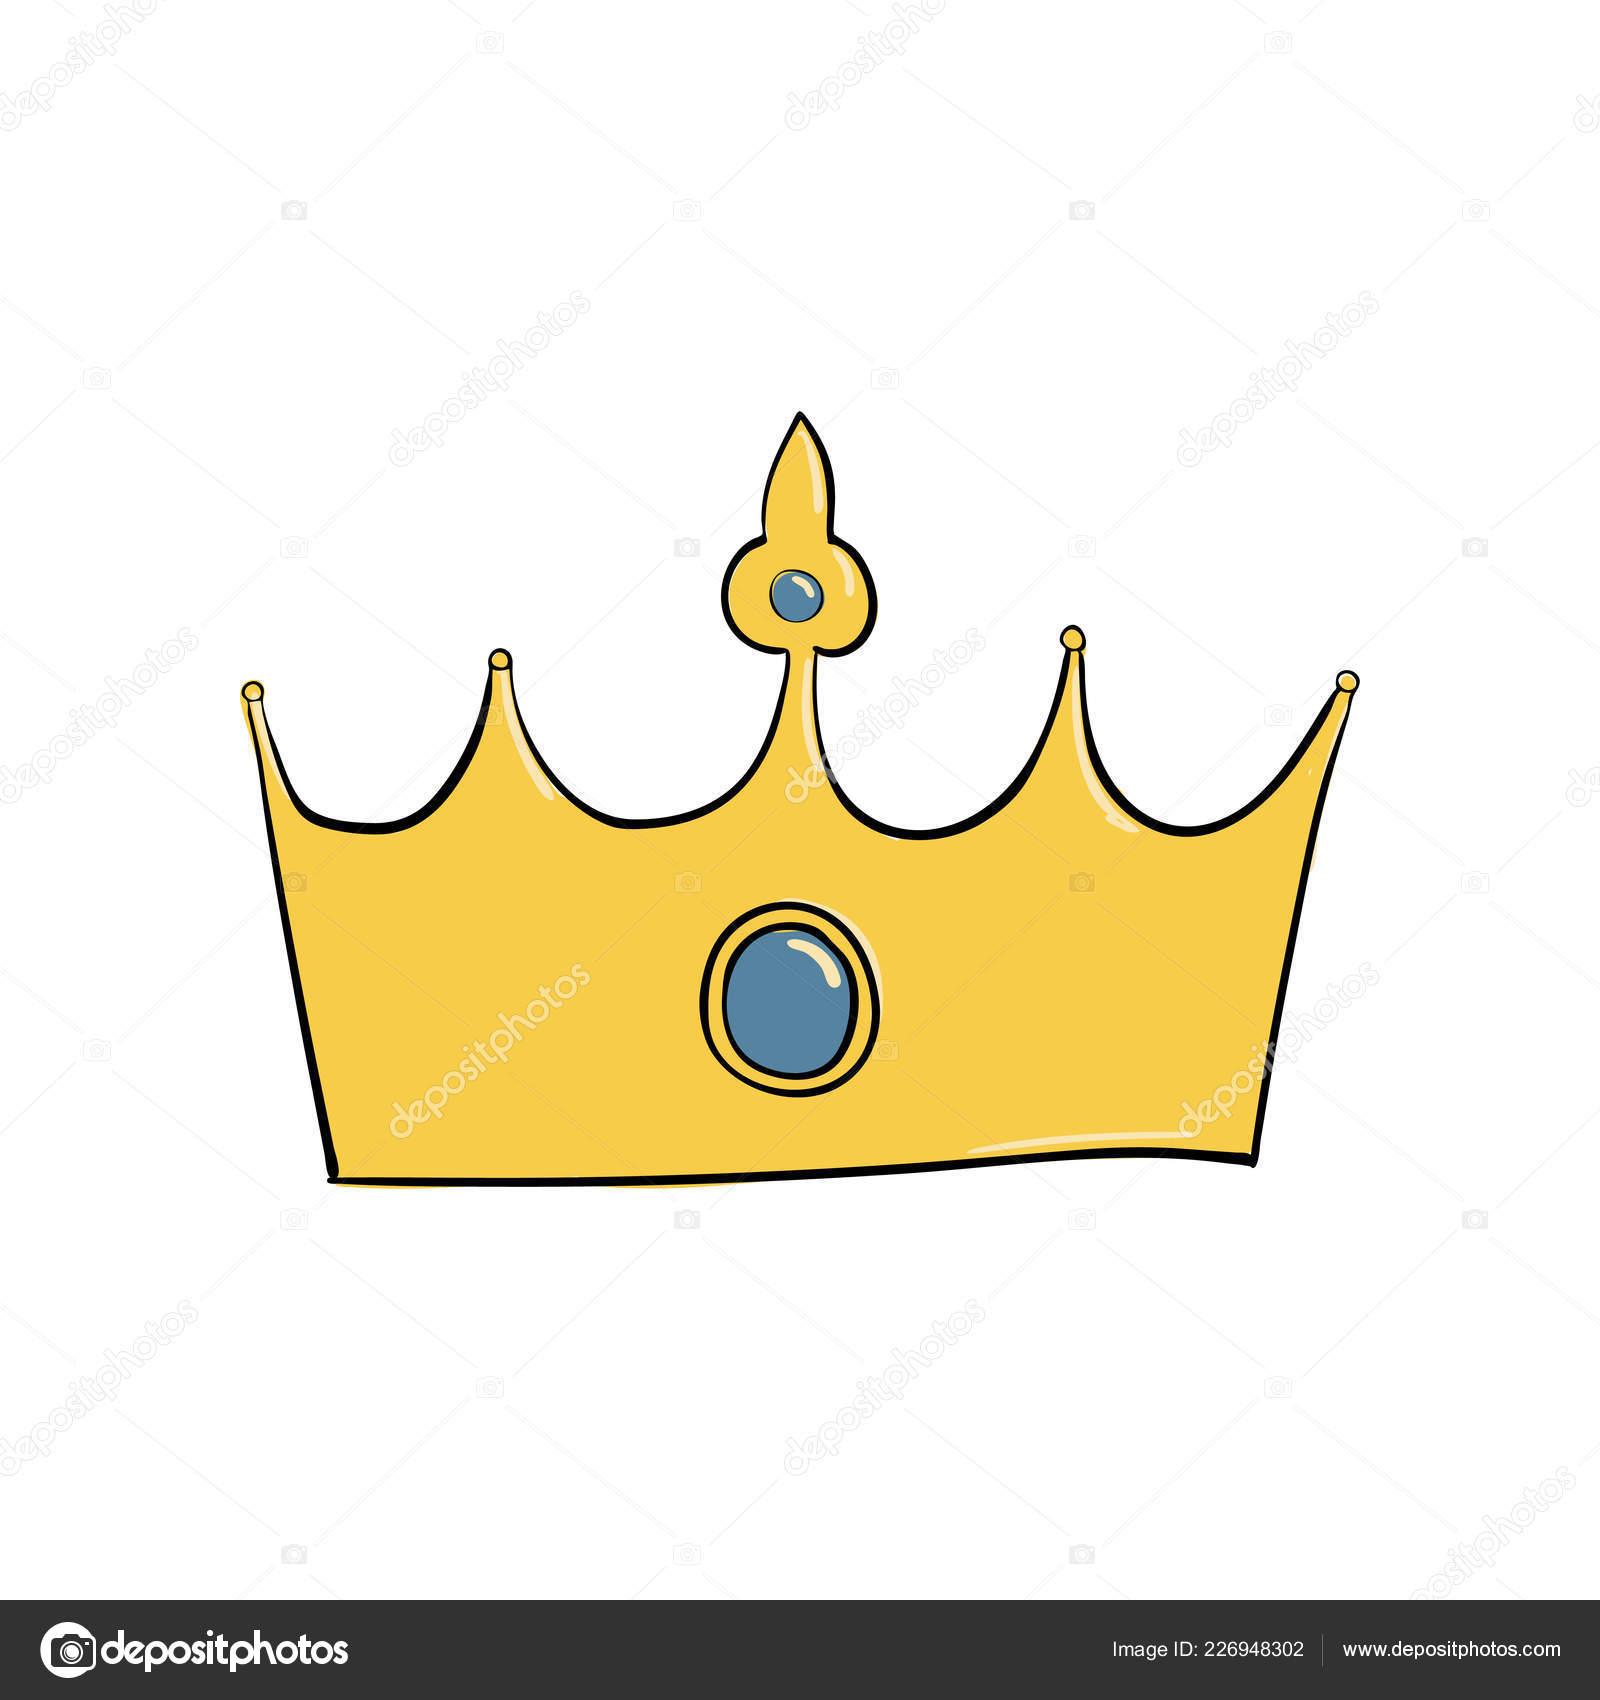 Власть короля — стоковое фото © brianmaxwell #78240242.